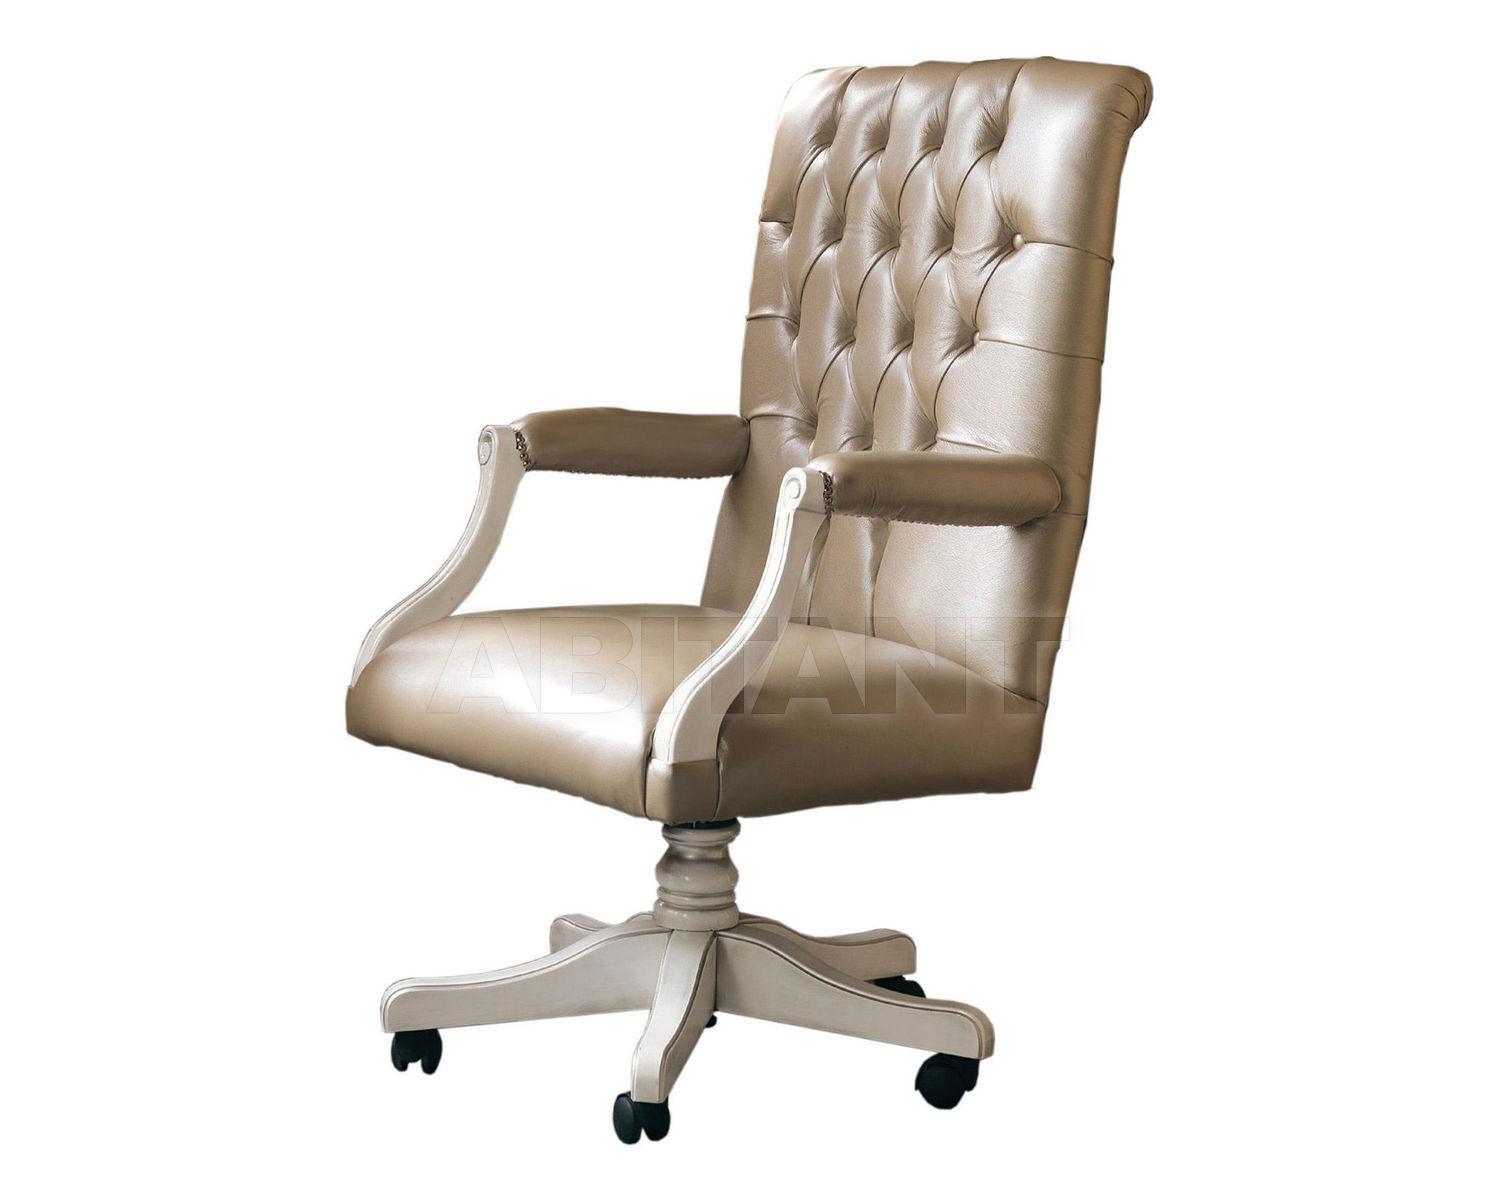 Купить Кресло для кабинета Cavio srl Madeira MD493